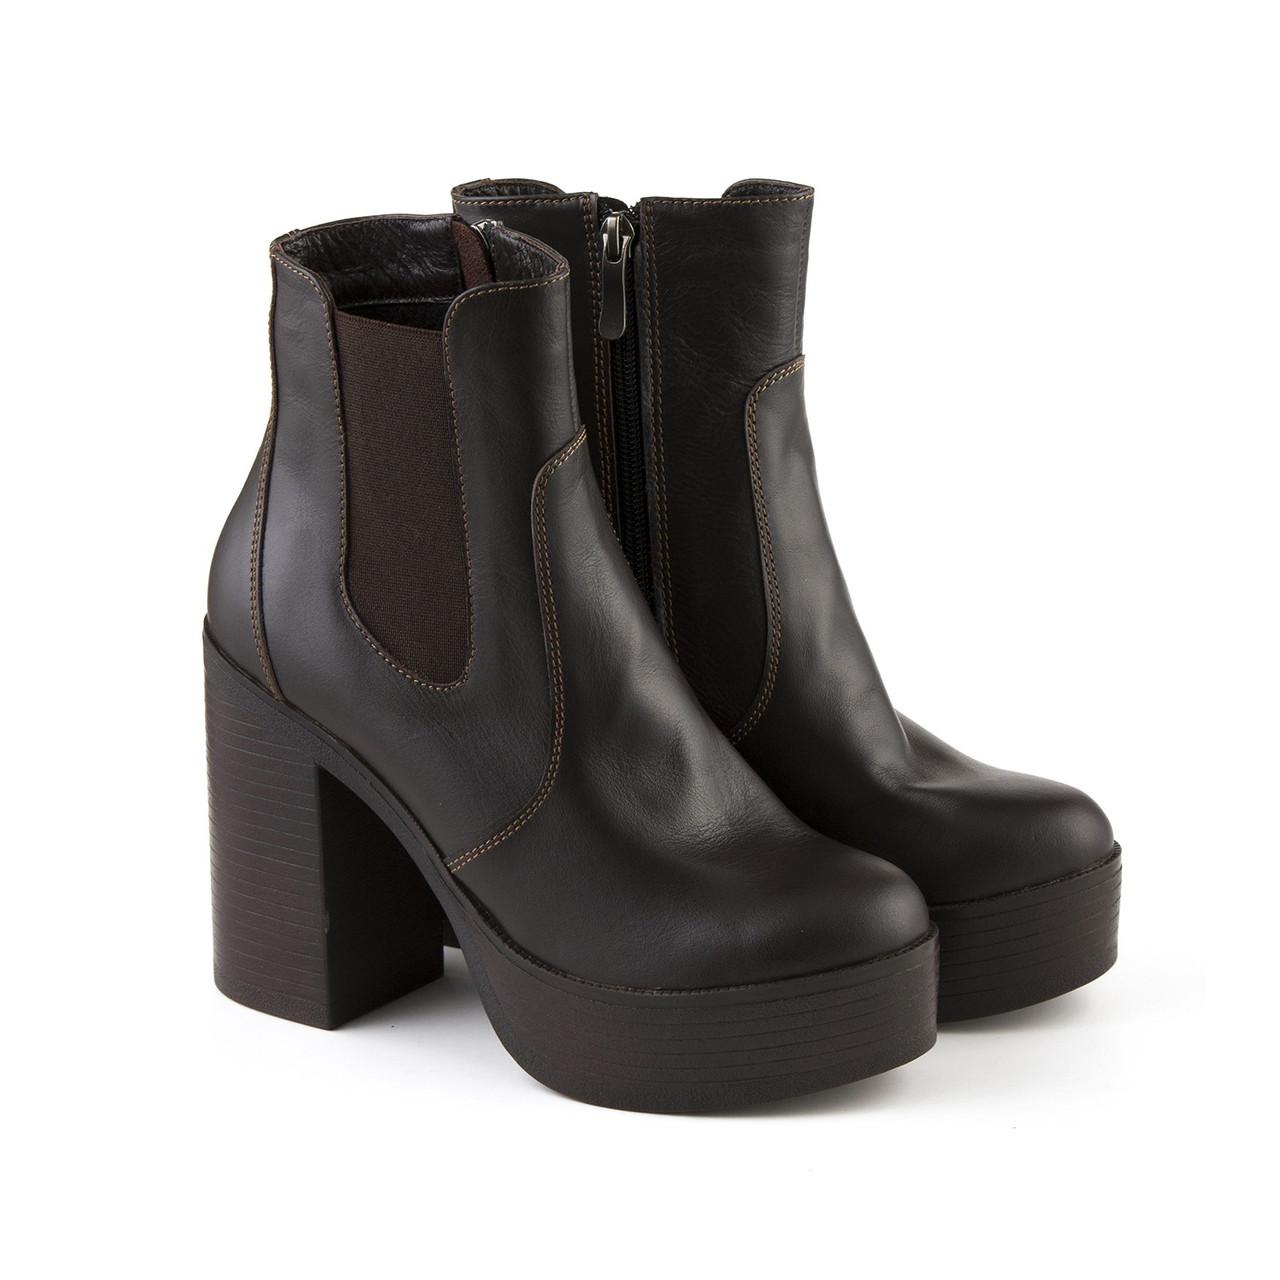 Кожаные женские ботинки коричневого цвета на резинке размер 39